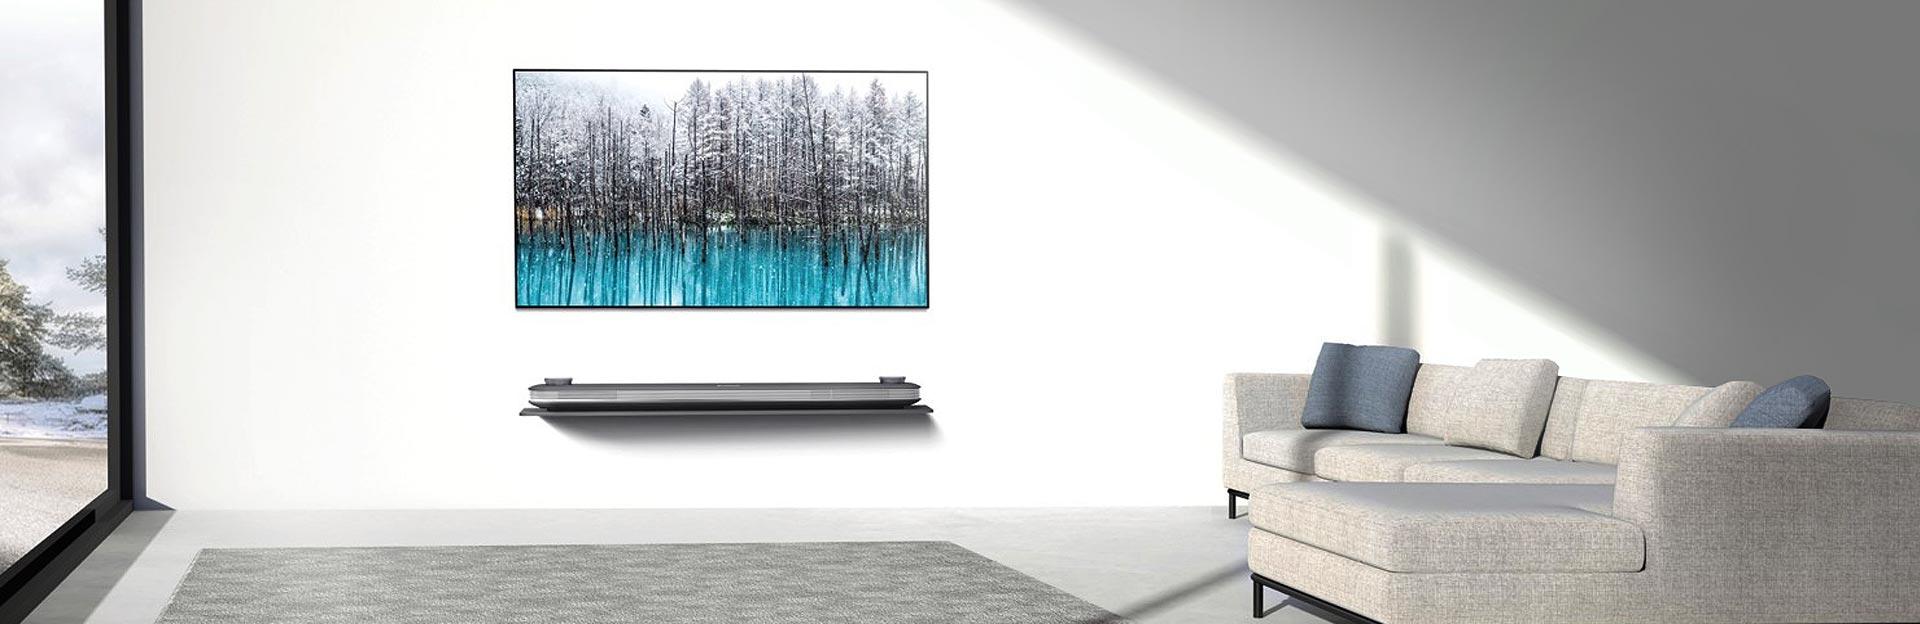 Telewizory OLED - technologia przyszłości? Jakie modele aktualnie warto kupić? 21